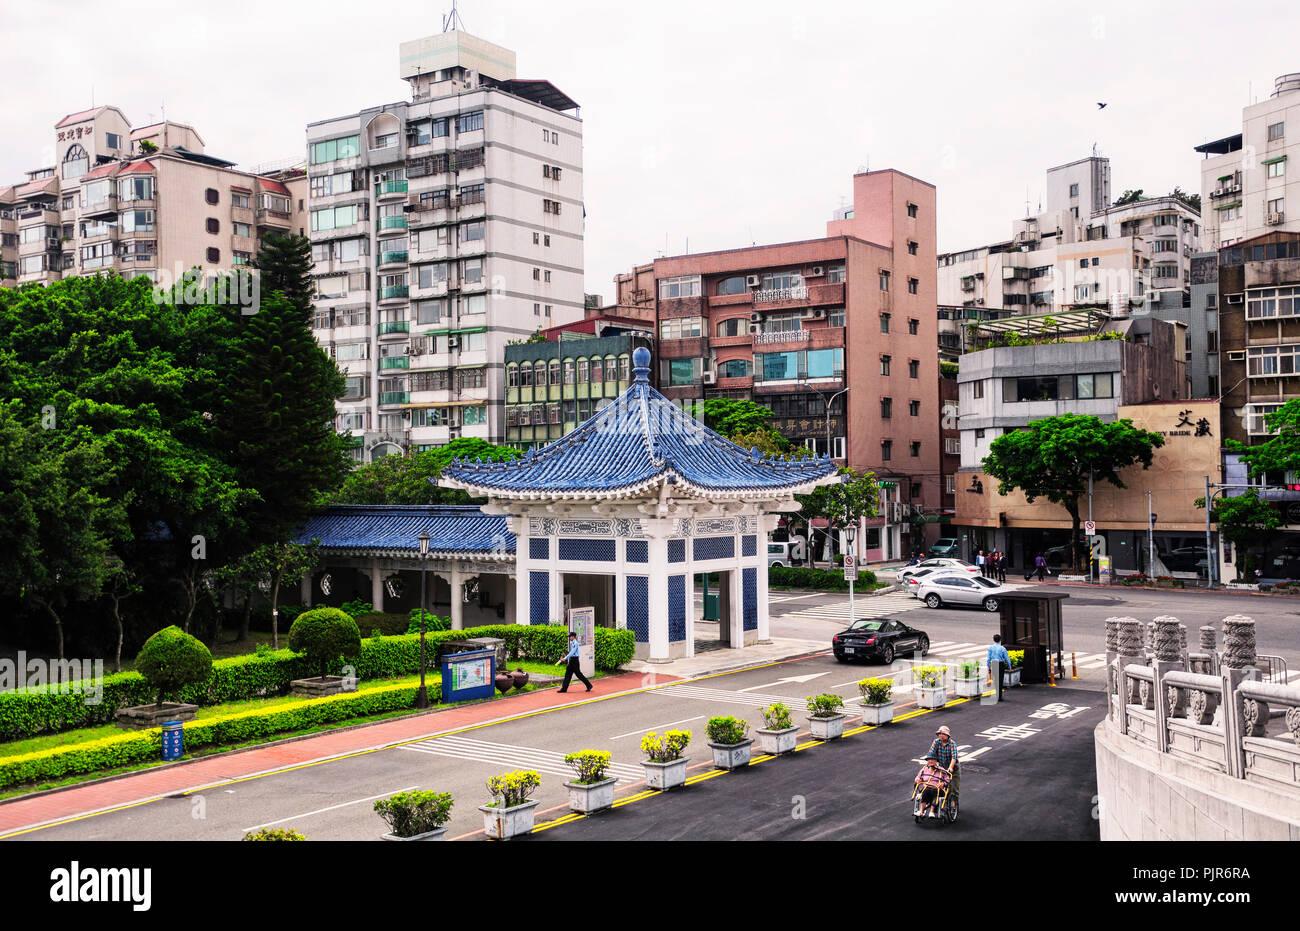 Marzo 31, 2018. Taipei, Taiwan. Edifici appartamento nel quartiere Zhongzheng di Taipei Taiwan vicino all'ingresso del Teatro Nazionale Hall. Immagini Stock